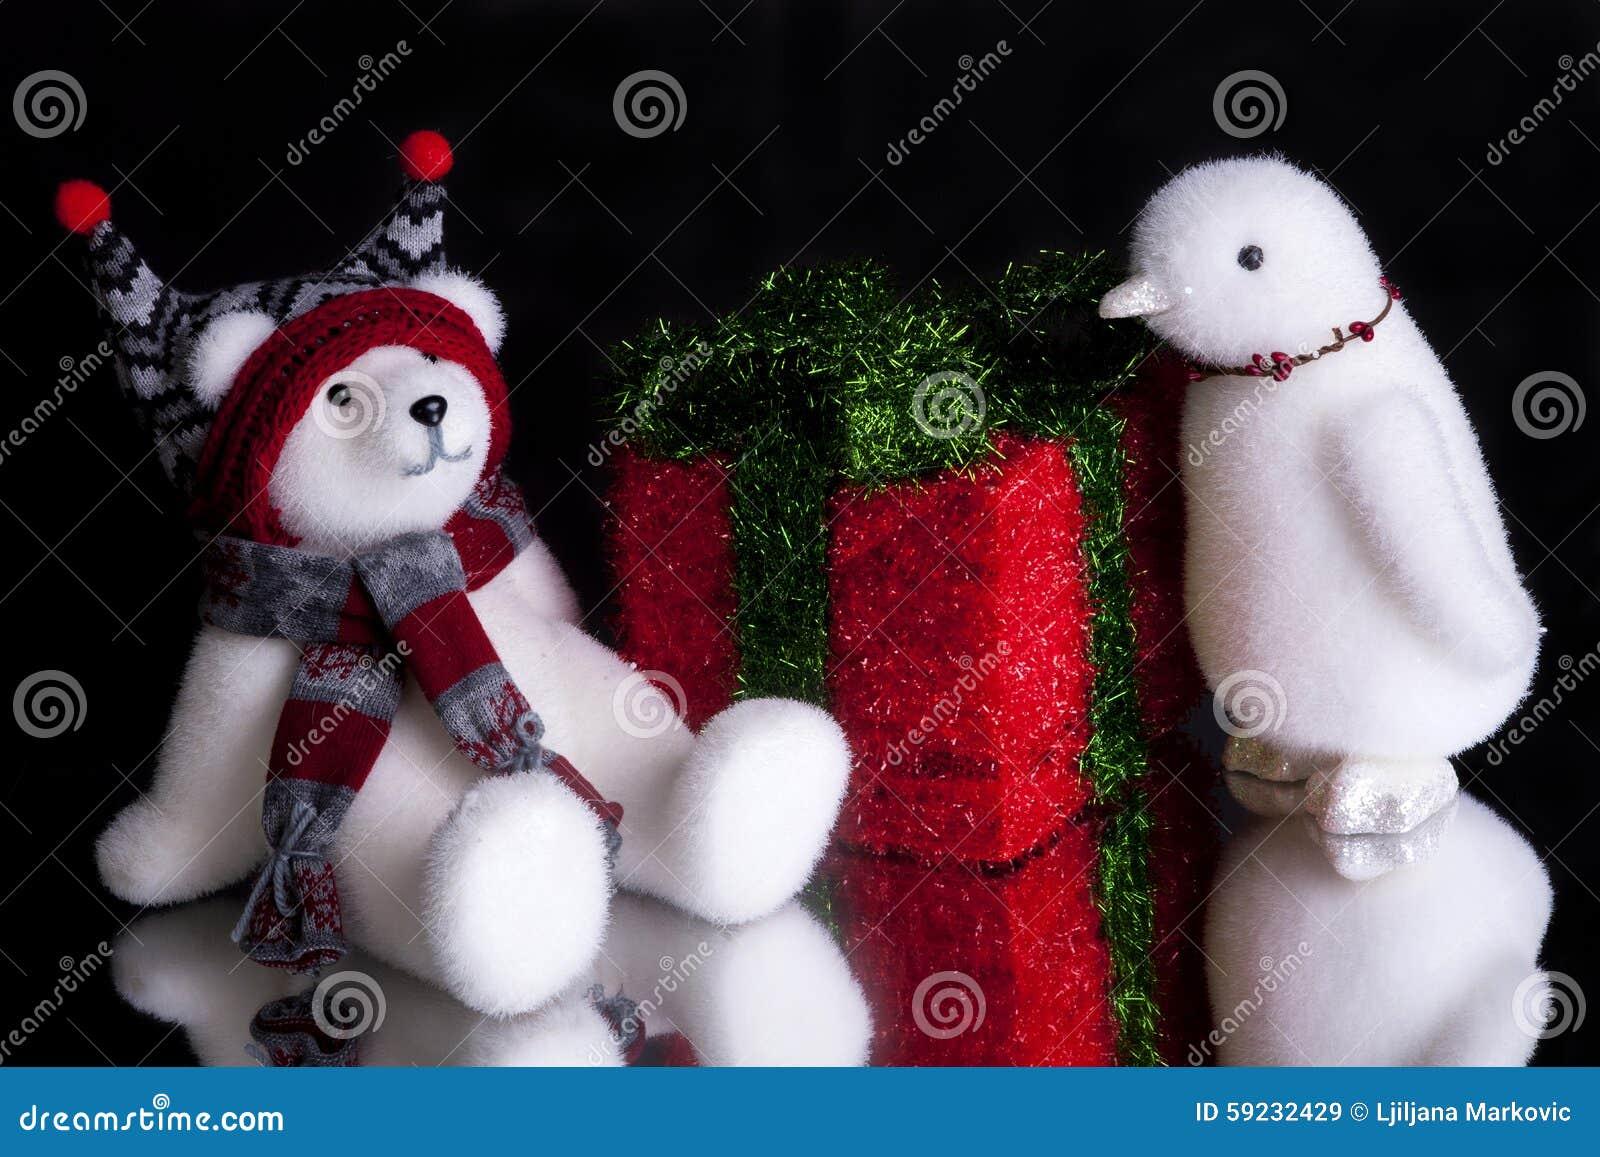 Download Regalo De Navidad Con Un Oso Polar Y Un Pingüino Imagen de archivo - Imagen de santa, regalos: 59232429